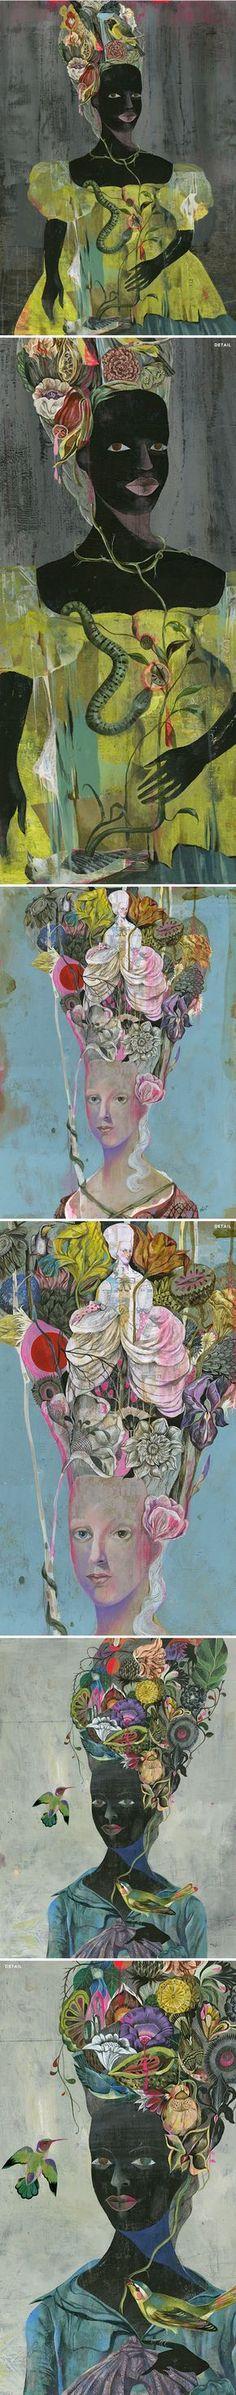 """""""Antoinette // Flowerheads"""" by Olaf Hajek"""